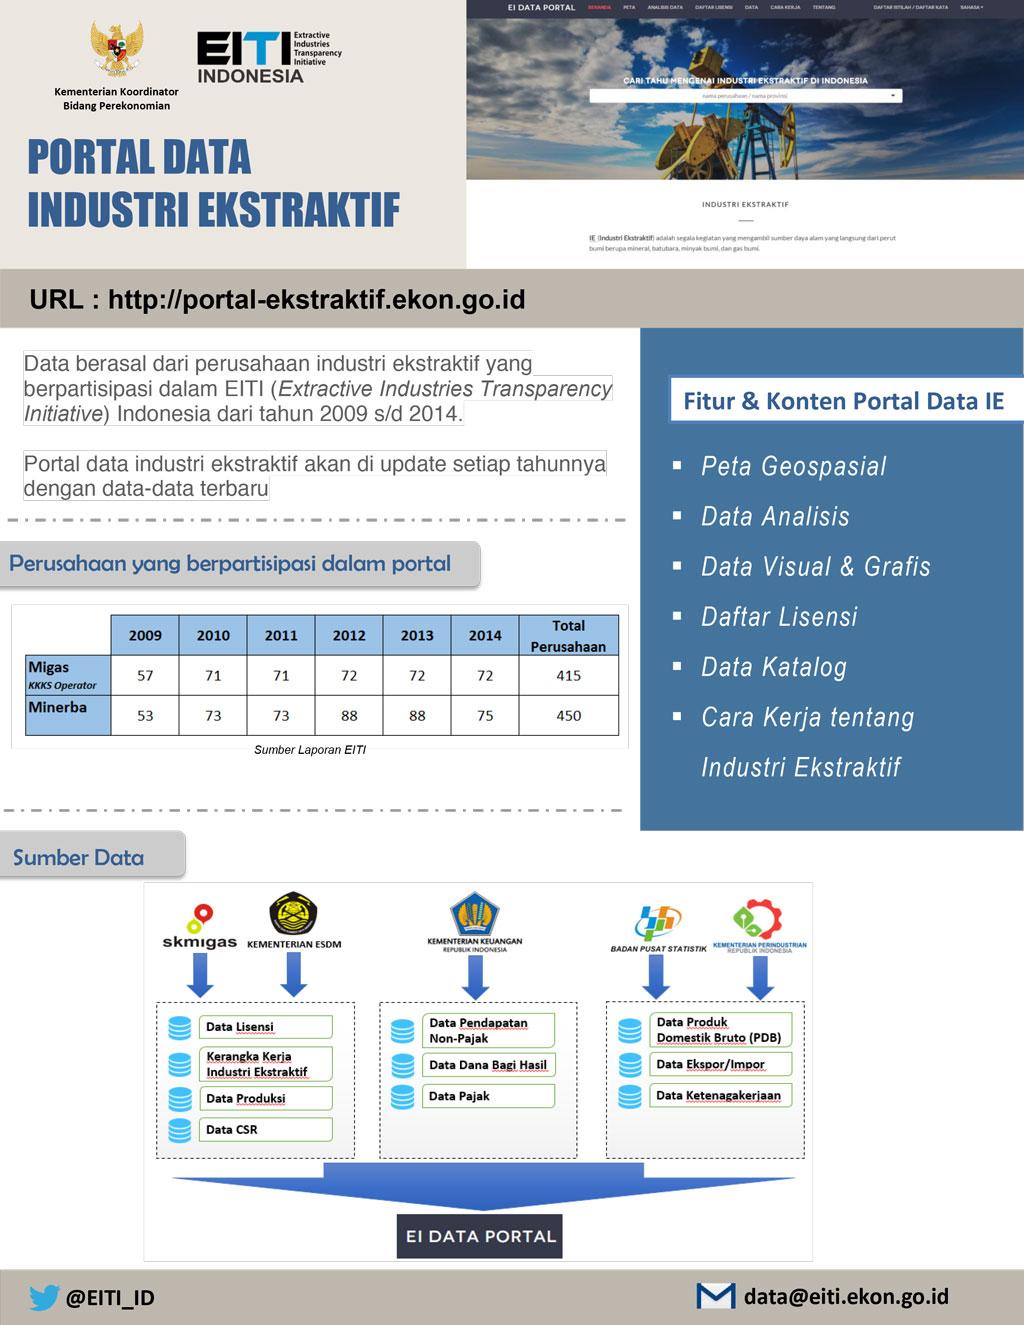 Fakta Portal Data Industri Ekstraktif